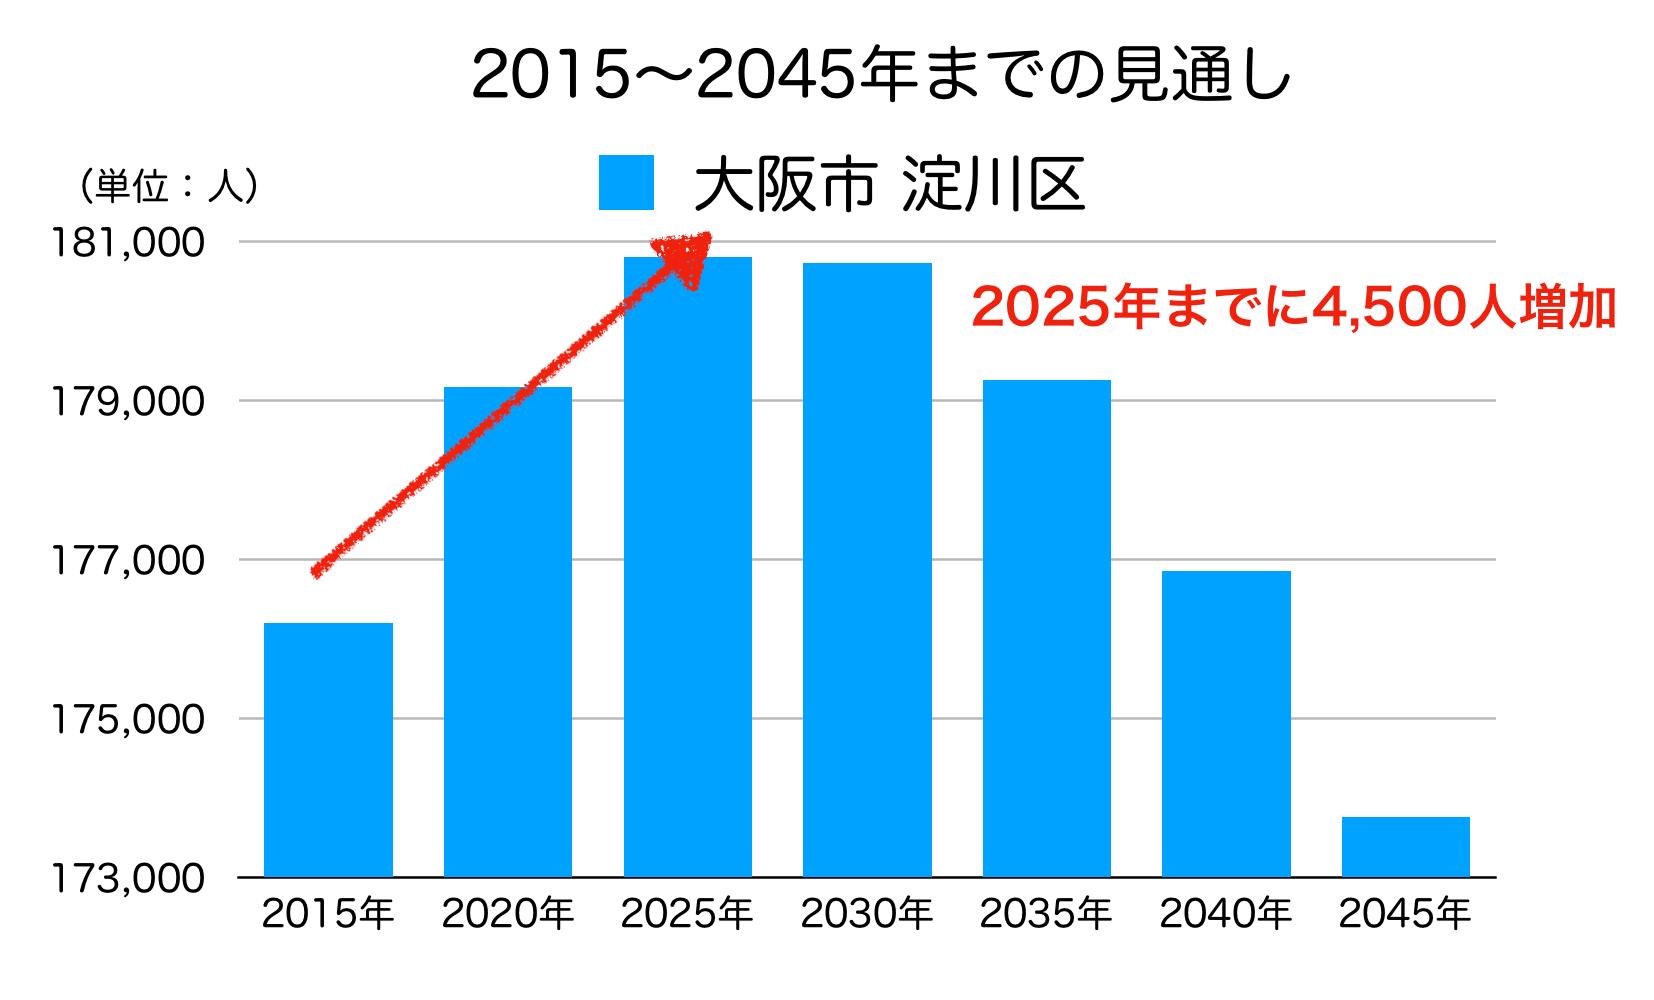 淀川区の人口予測